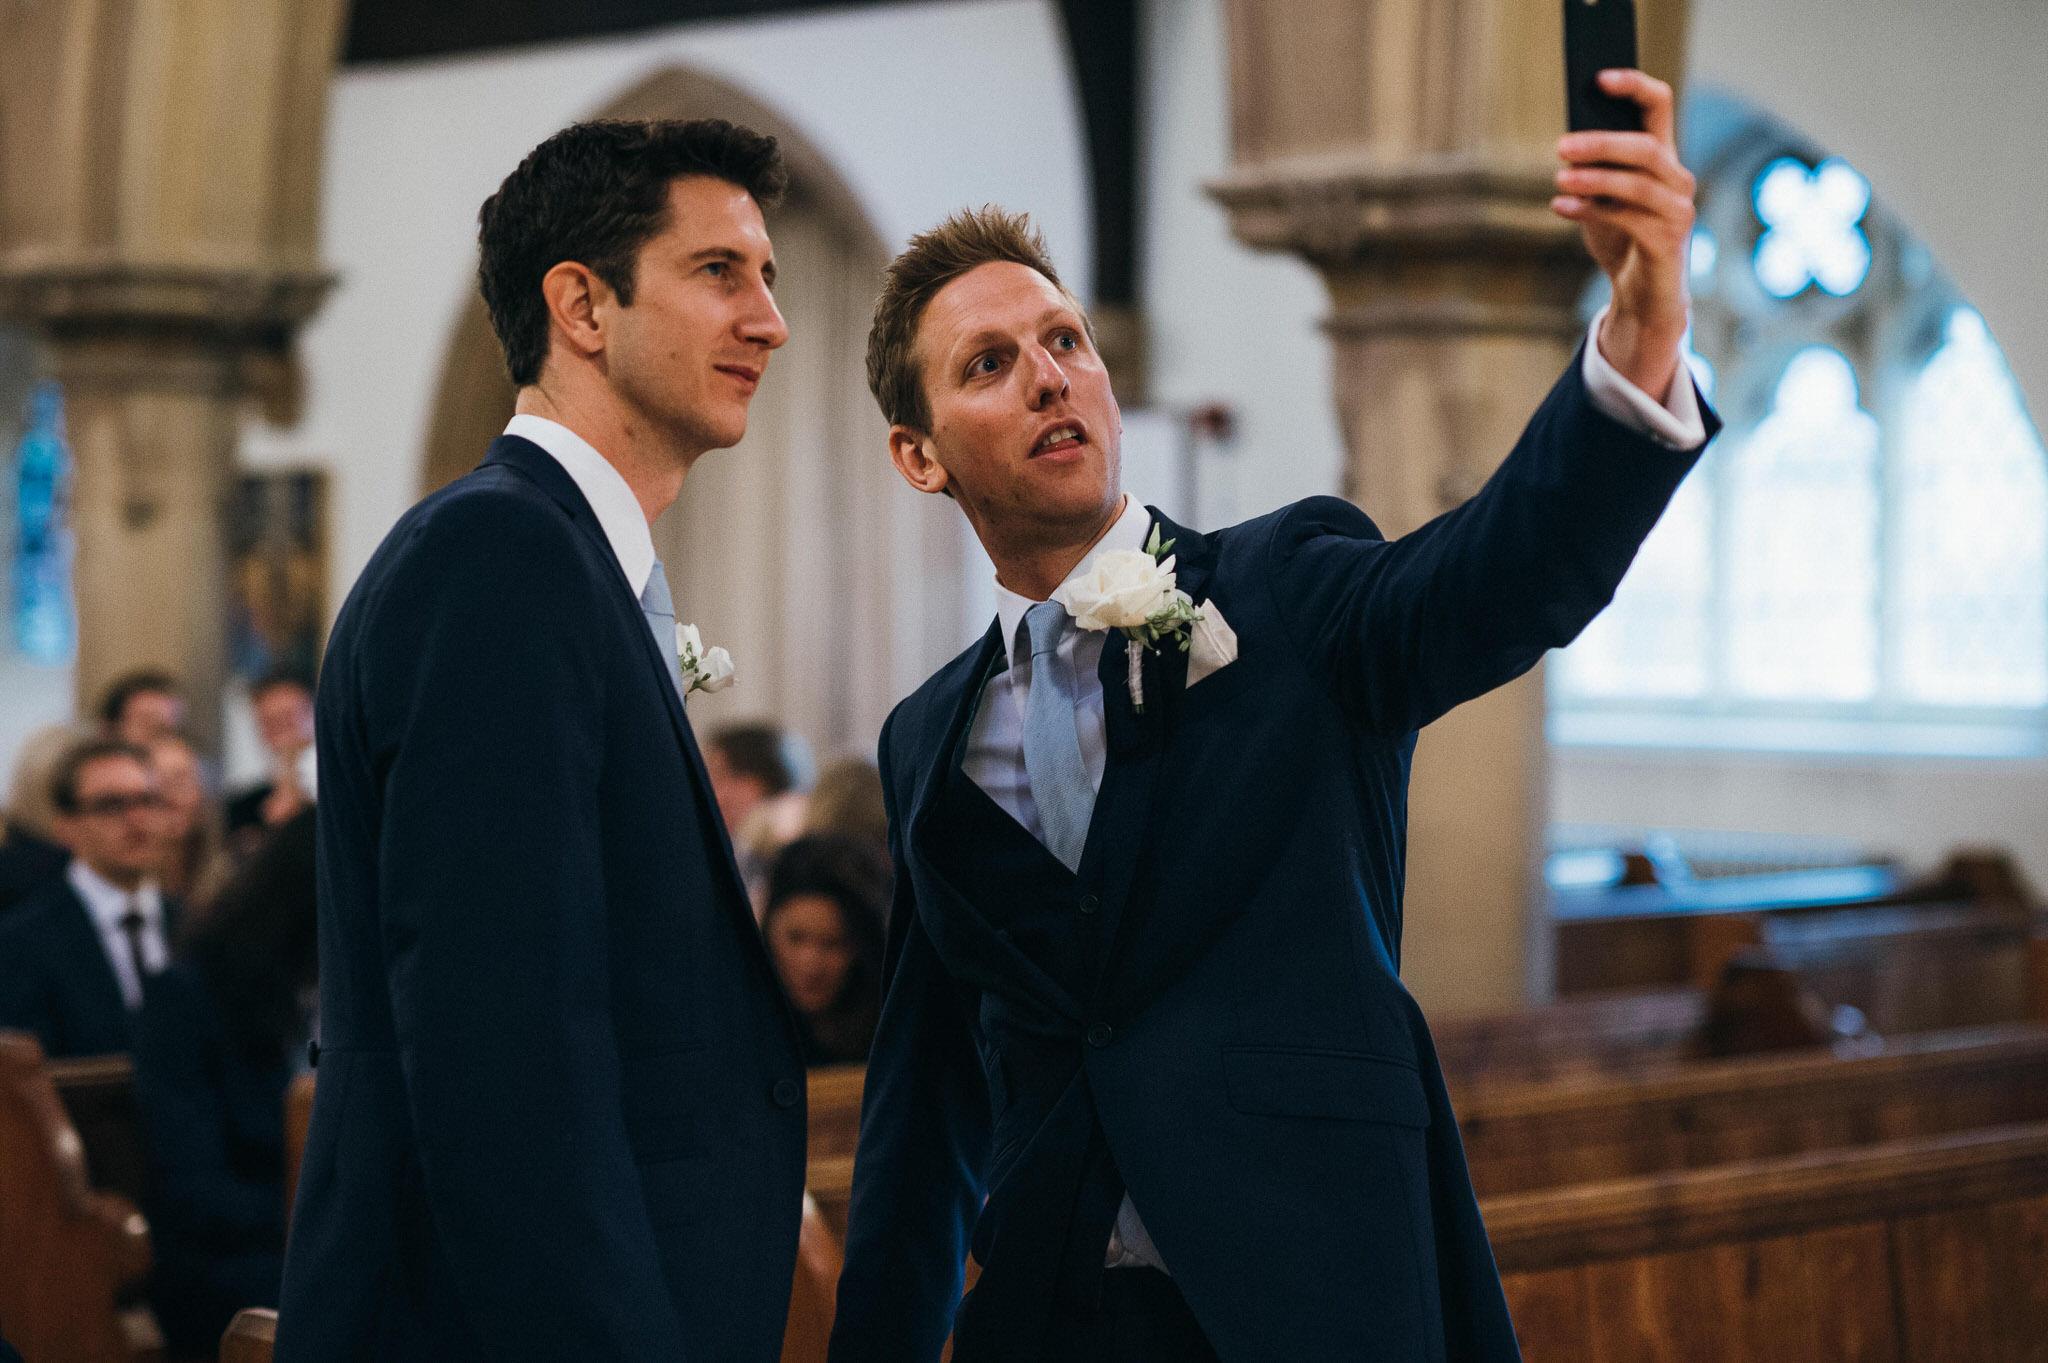 Groom takes selfie in church